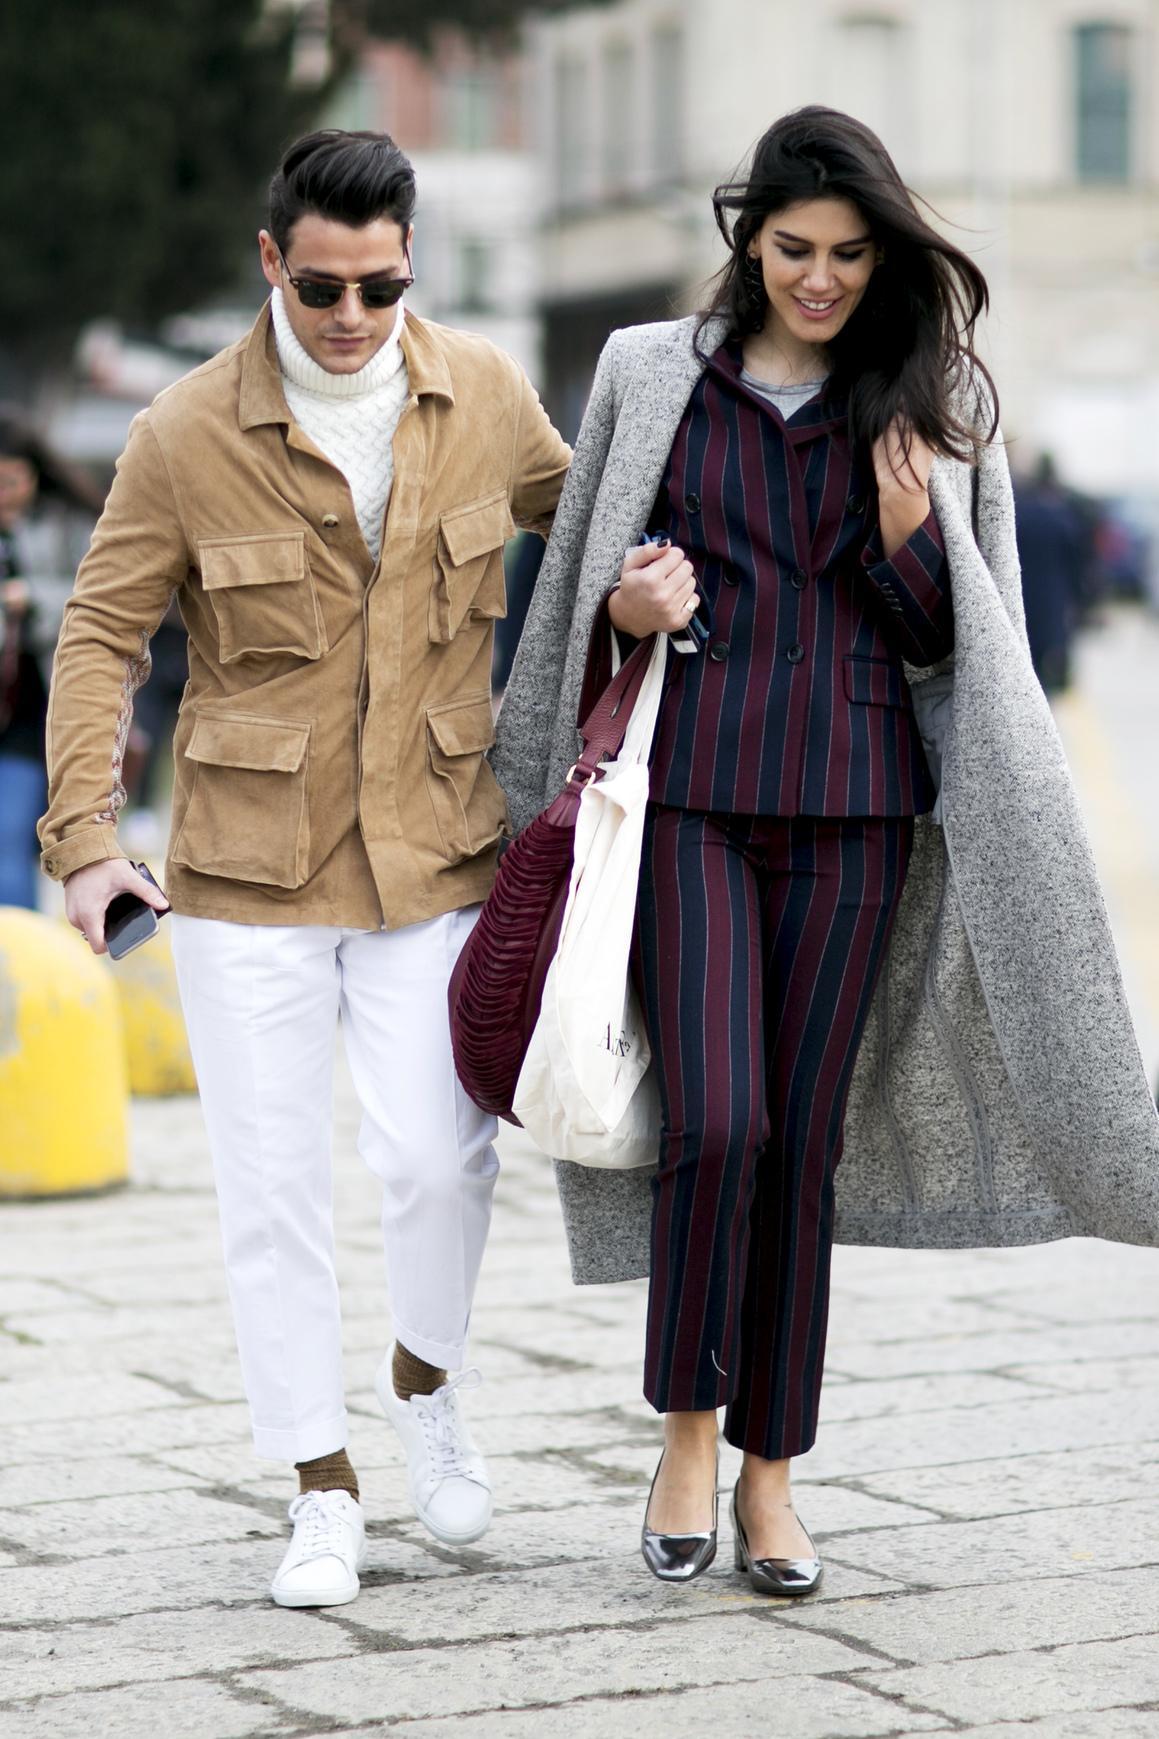 4e2def535e96 Comment porter la veste cet hiver   - Madame Figaro